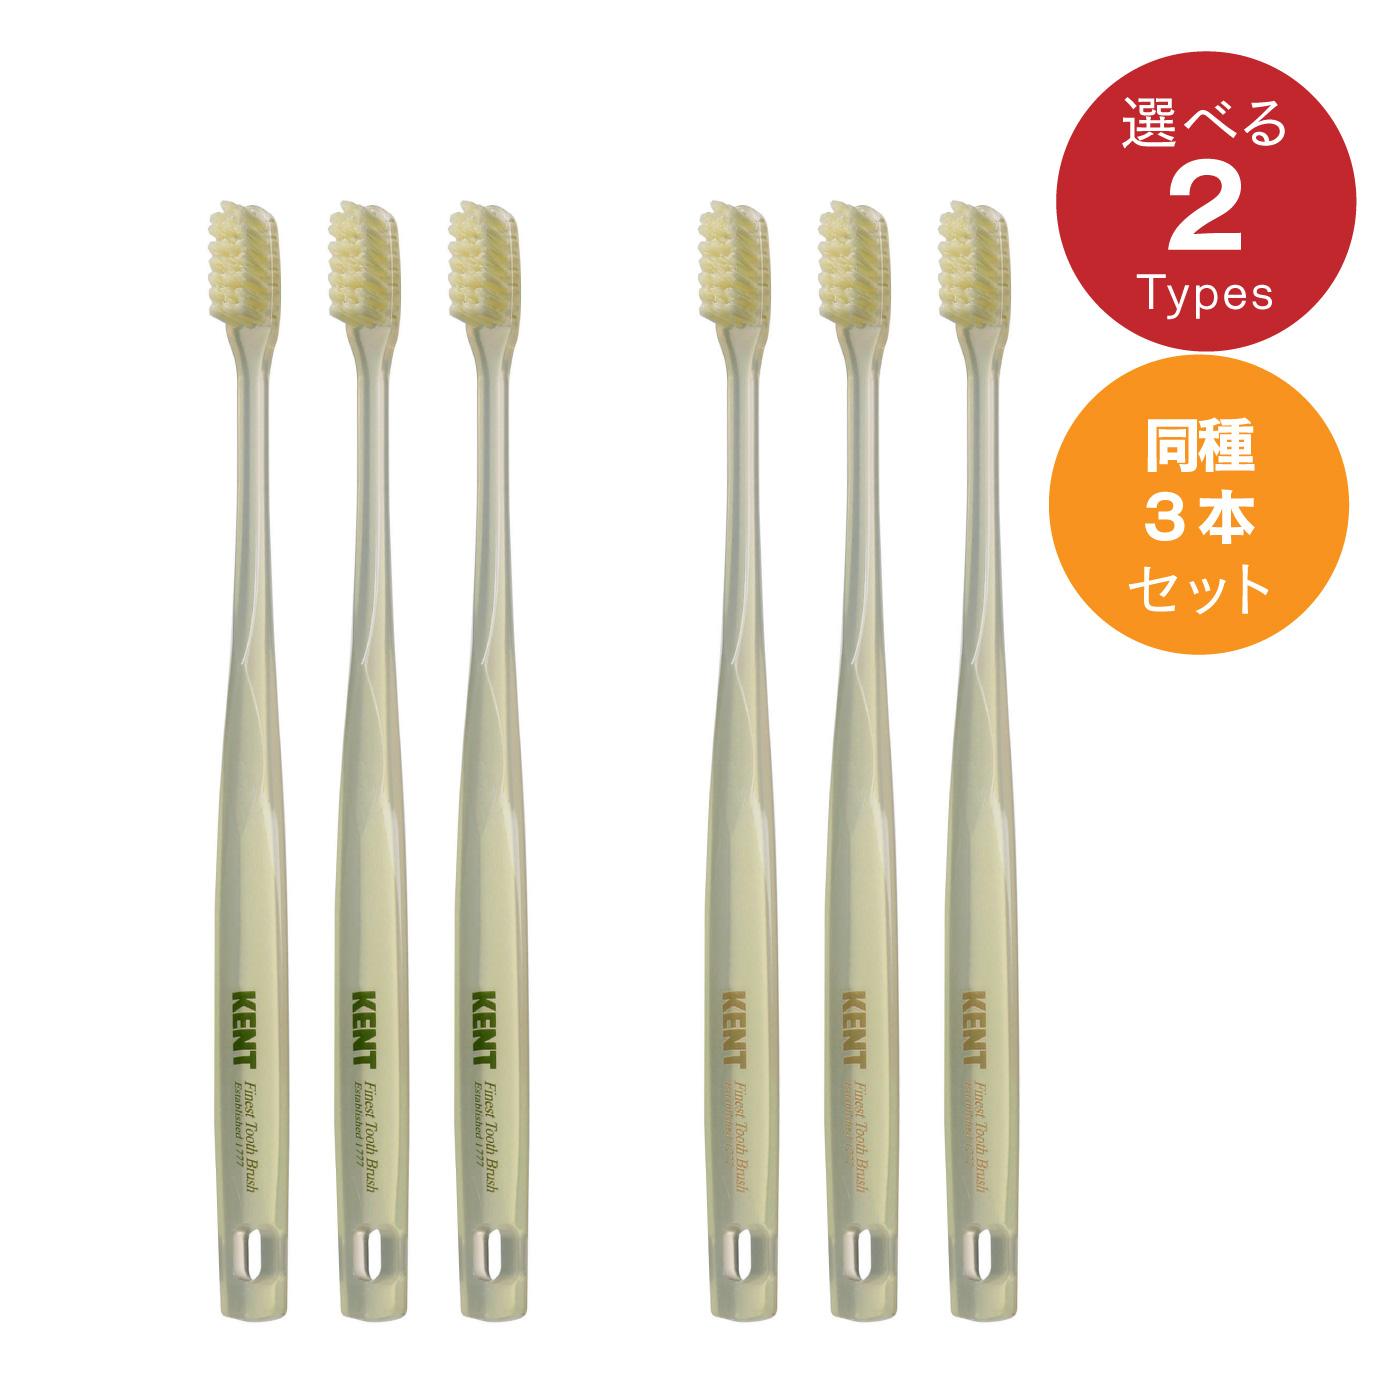 英国ブランドKENT 歯ブラシ 超コンパクト 3本セット